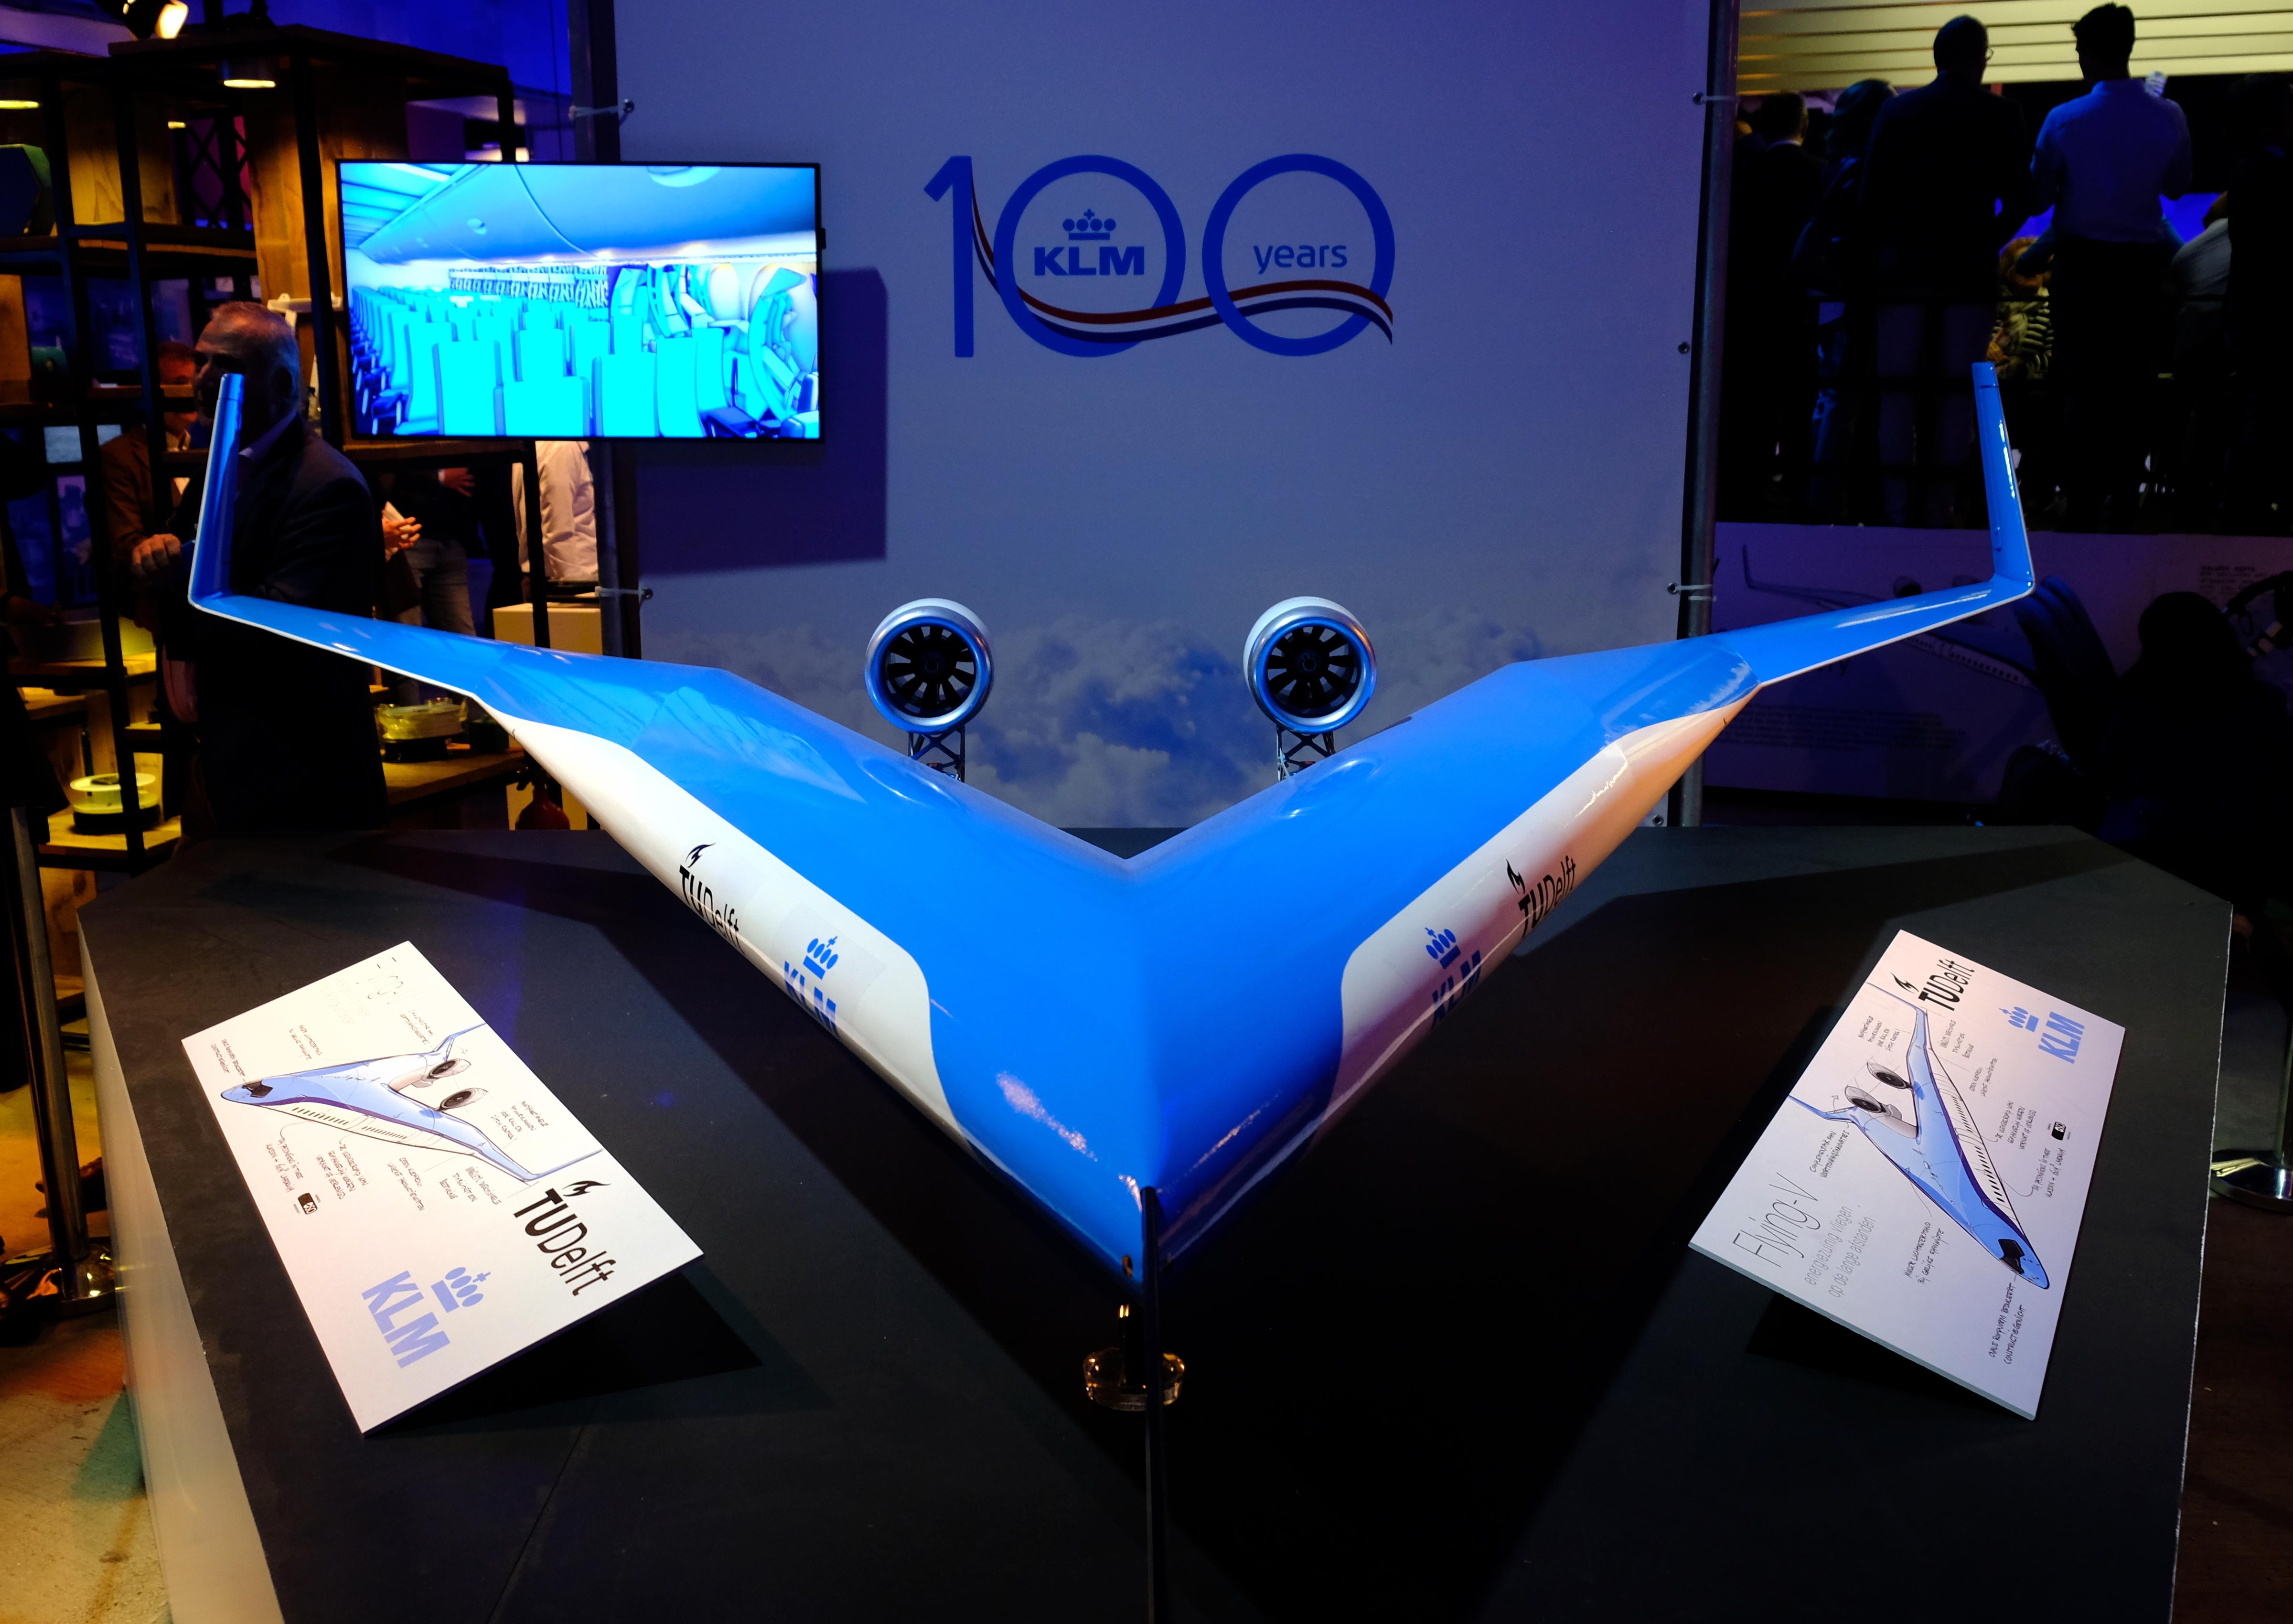 Un modèle du futur avion a été dévoilé à Amsterdam à l'occasion du 100e anniversaire de KLM en octobre 2019.